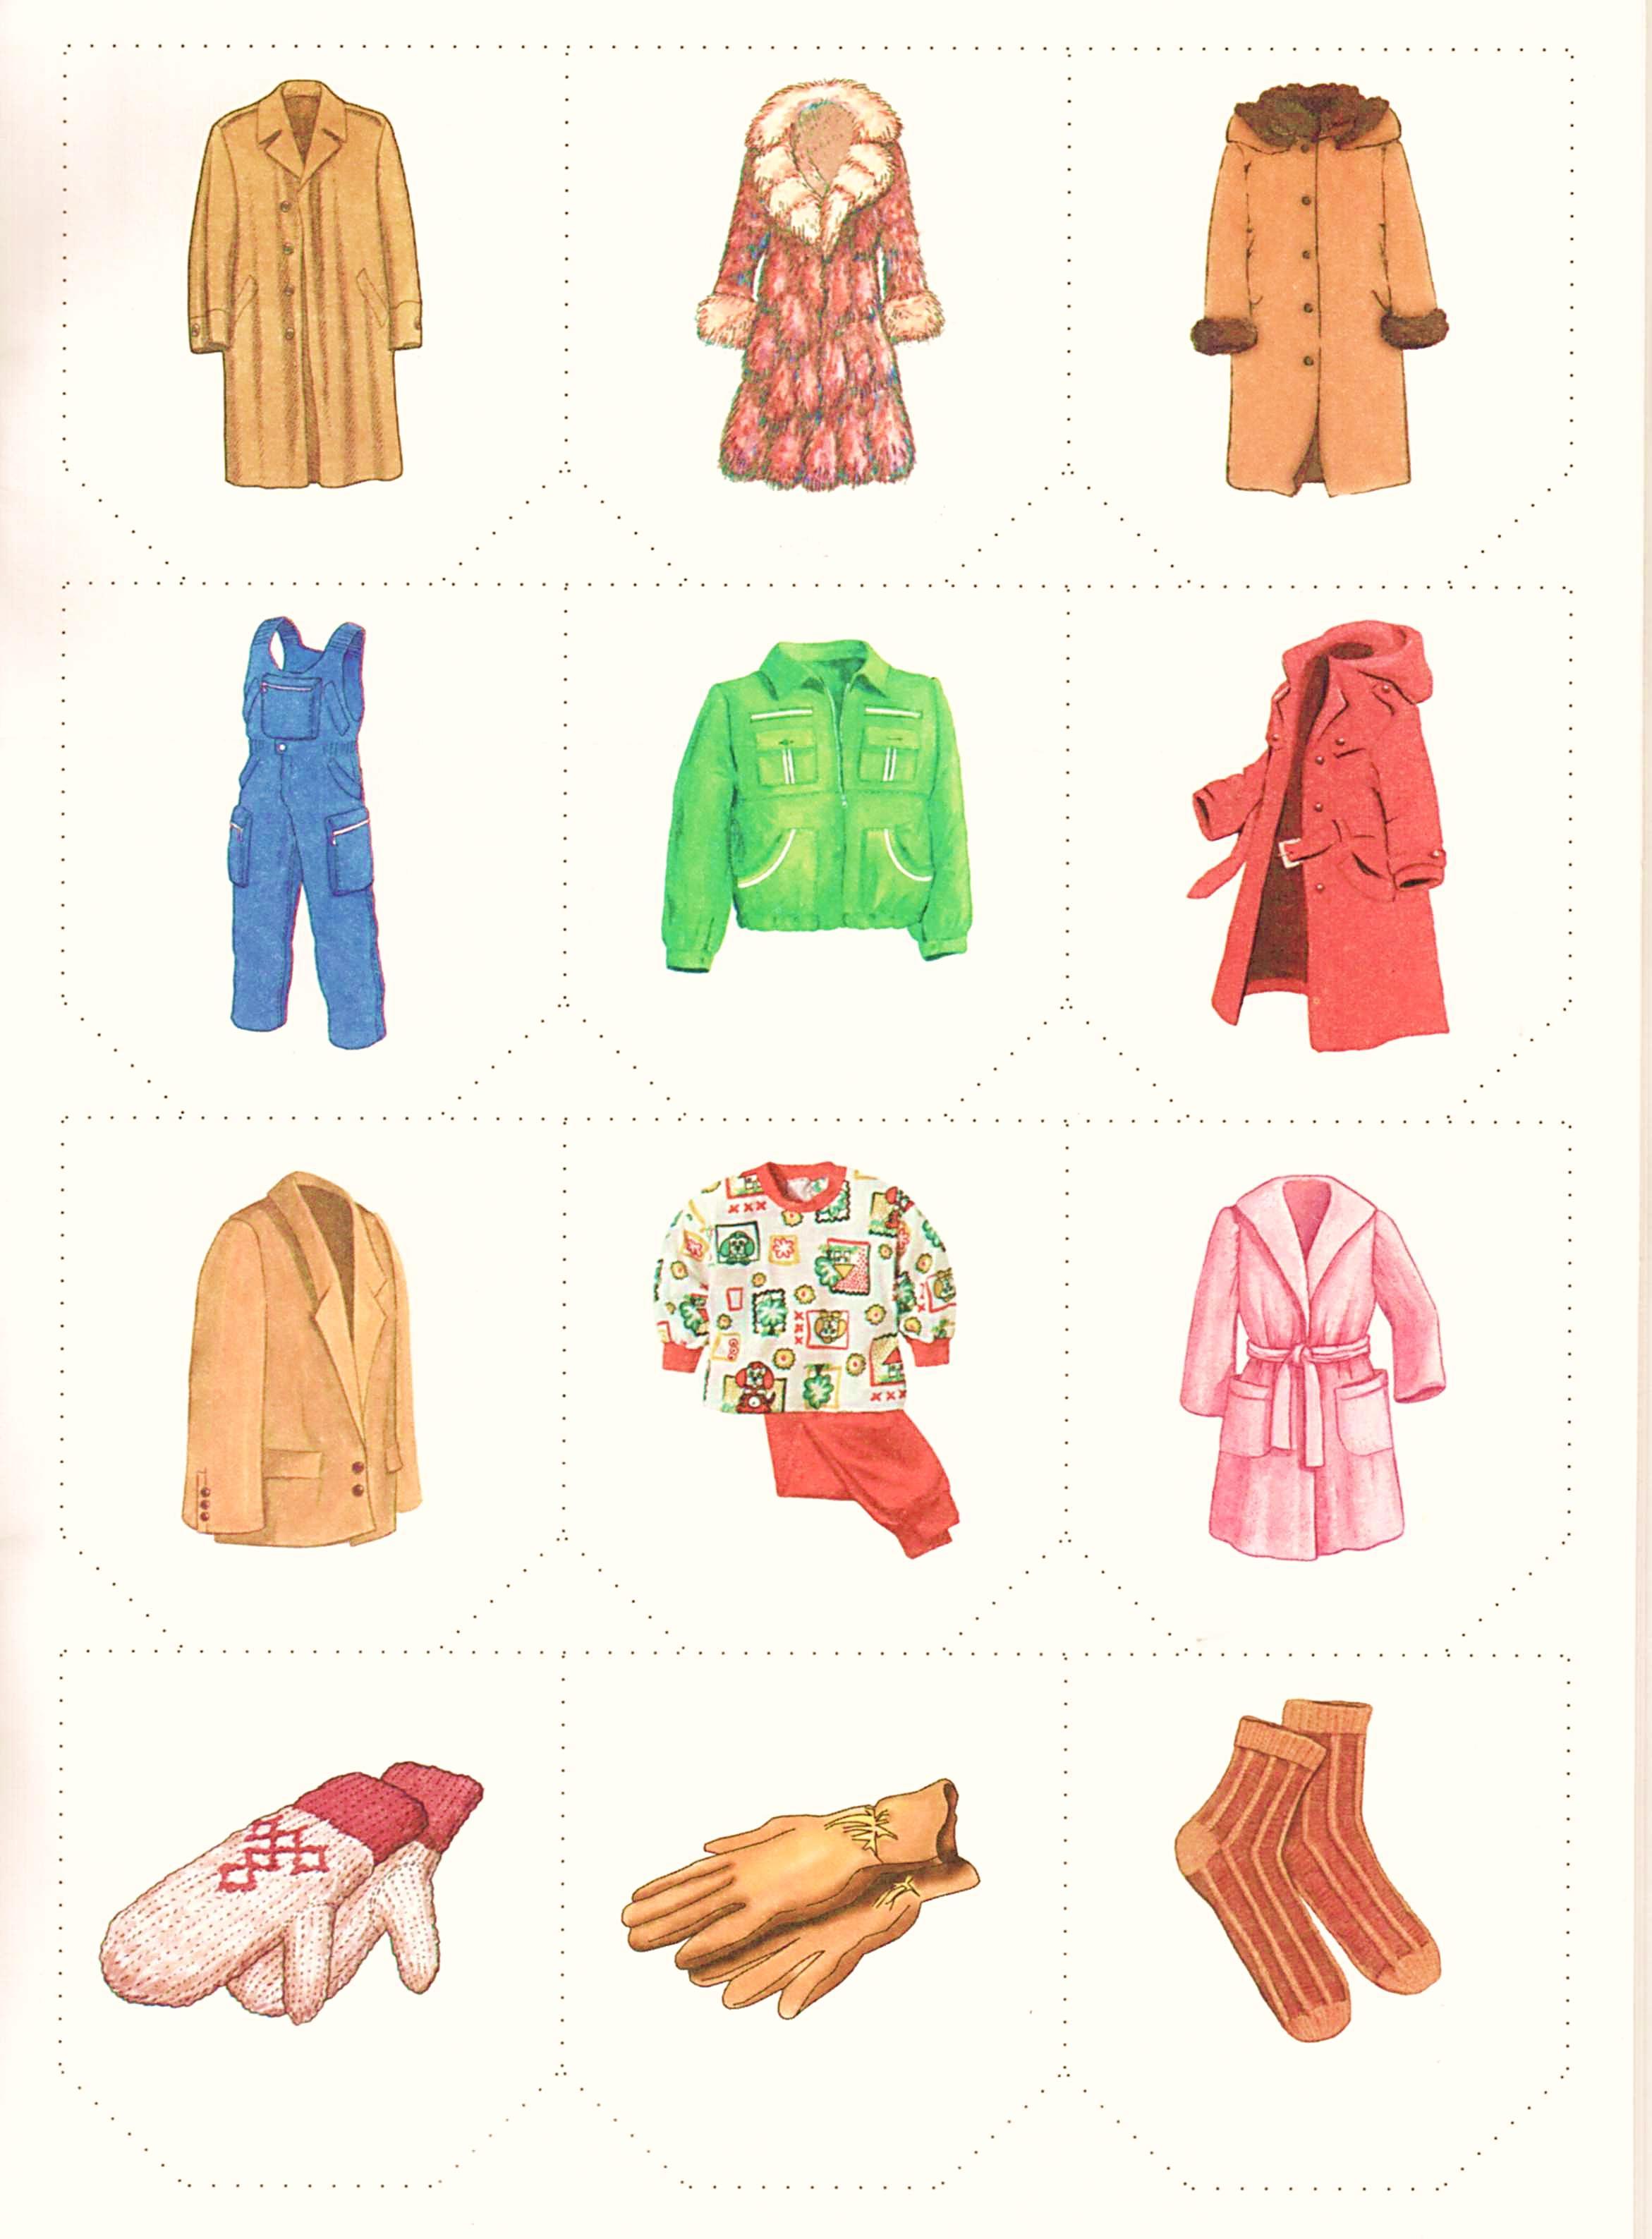 занятие одежда картинки первой джокер всем